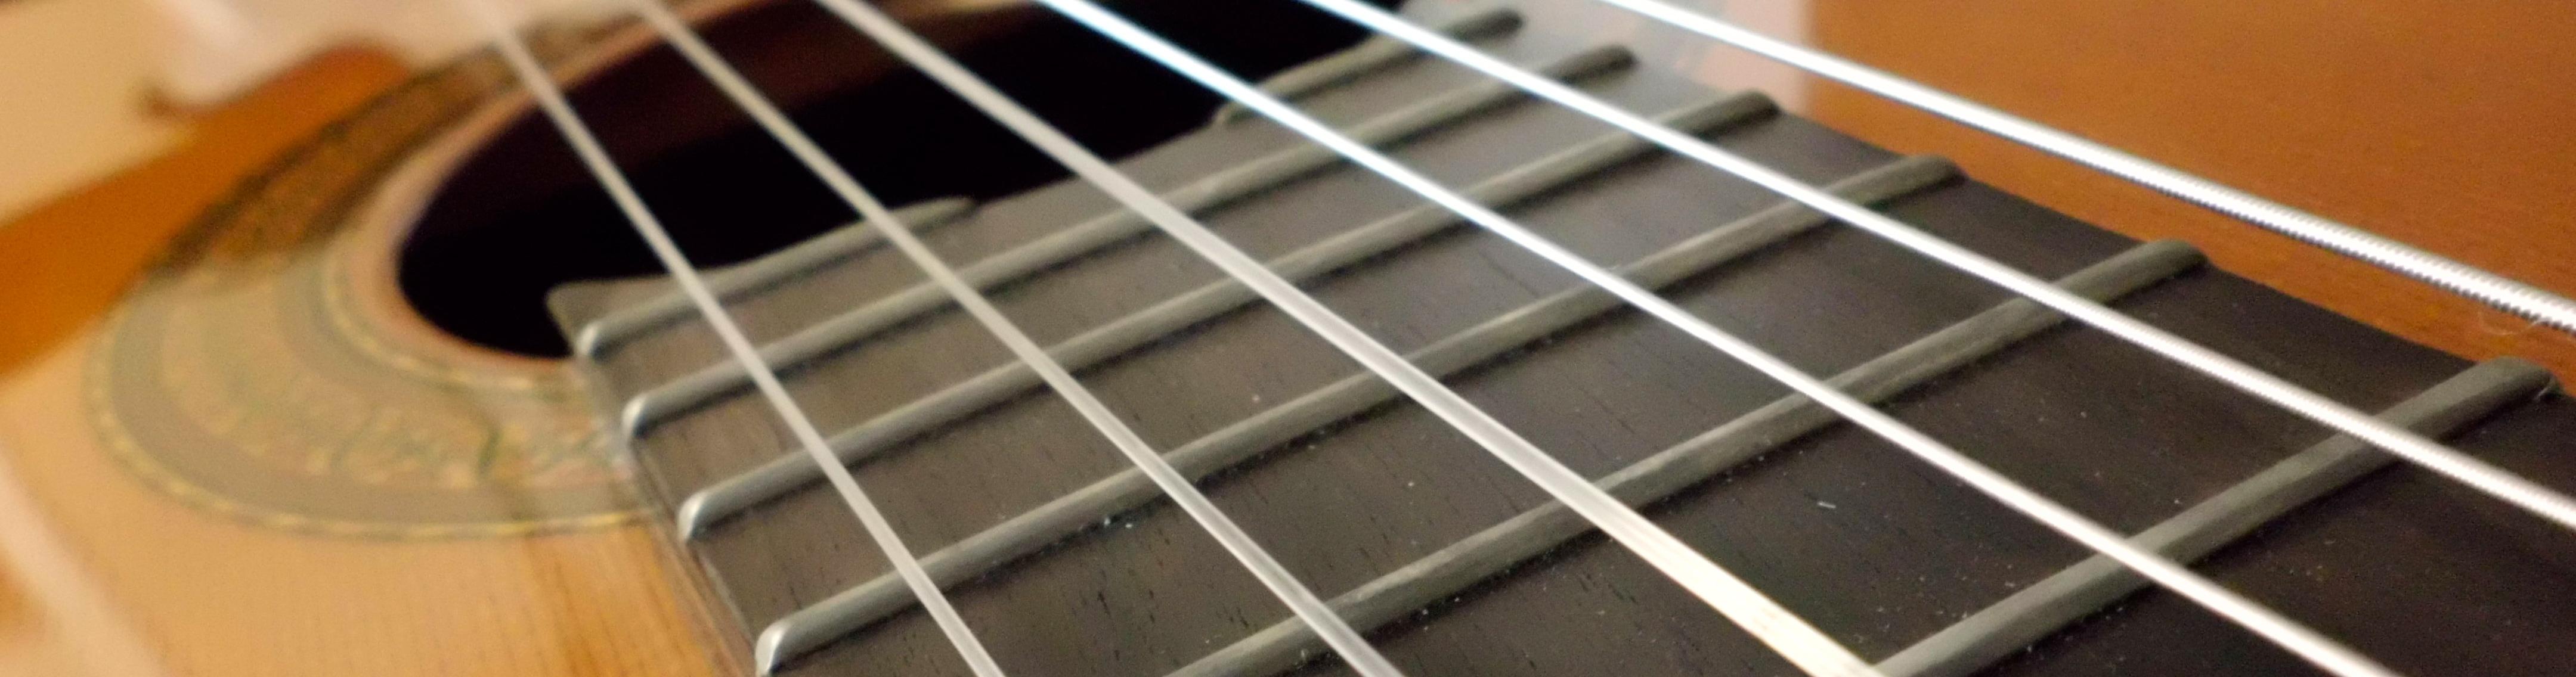 リュート クラシックギター ウクレレ 池袋 蕨川口 東京 教室